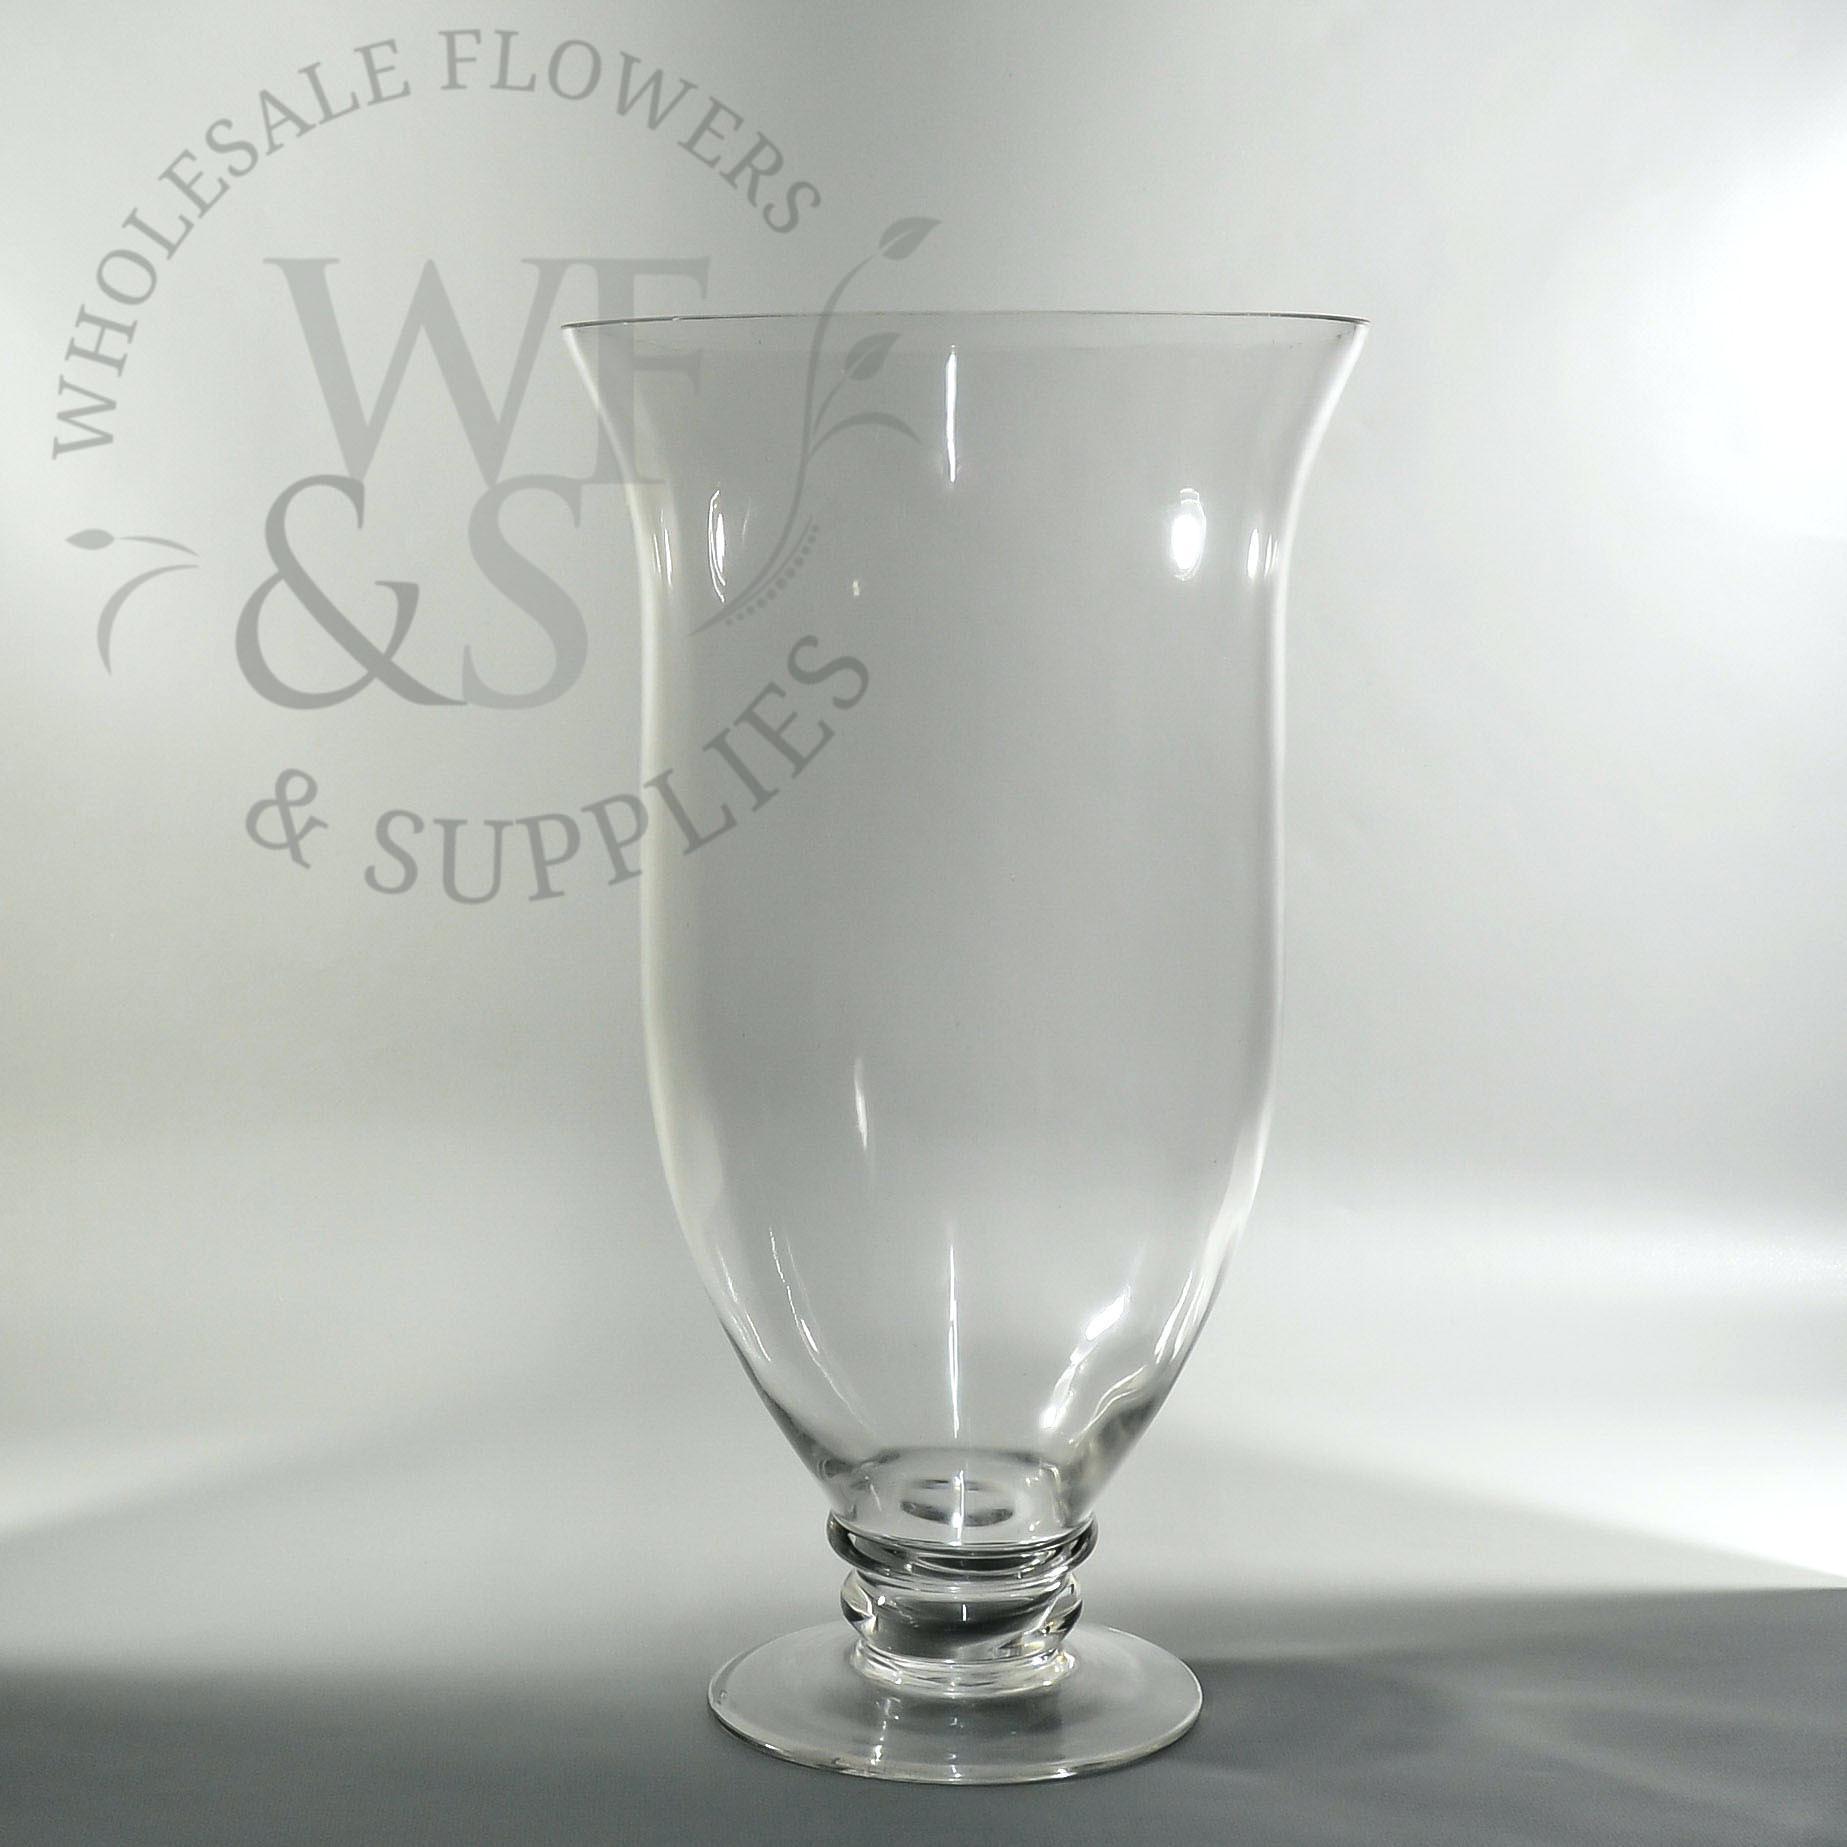 amazon glass vases of glass round vase pics amazon 8 inch round glass vase 8 clear within glass round vase pictures living room vase glass lovely cheap glass vases 1h vasesi 0d in